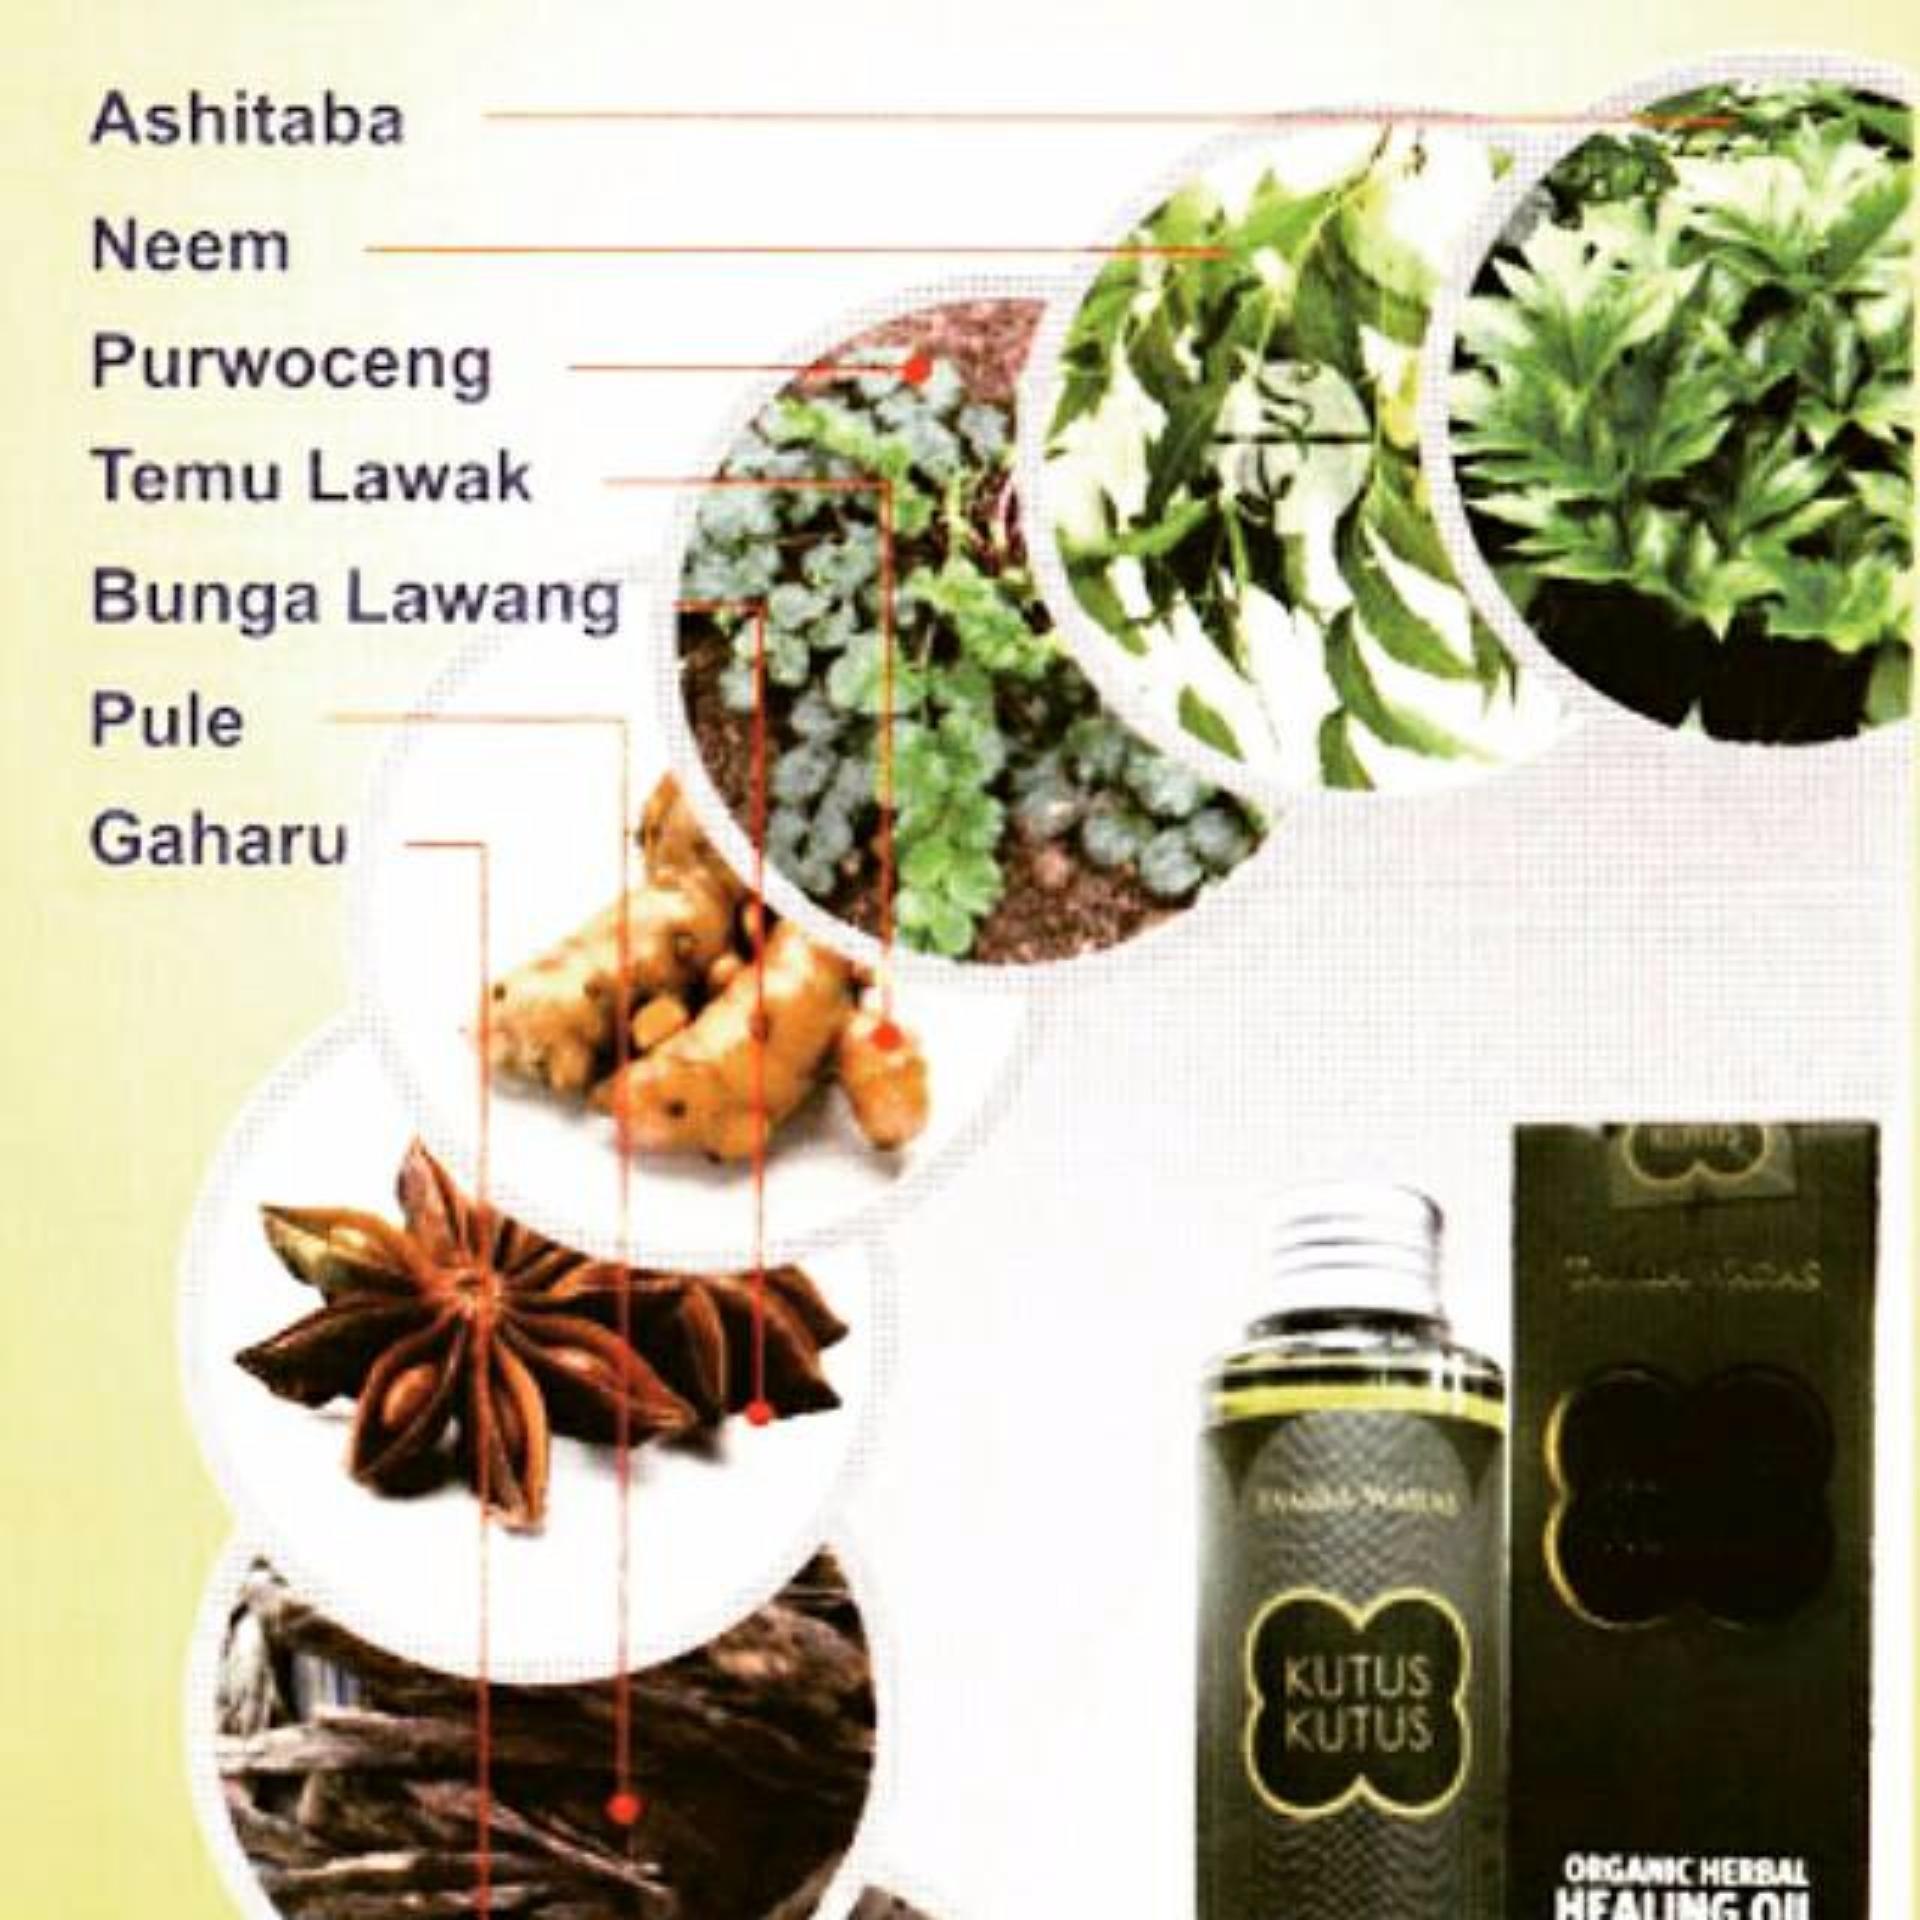 Minyak Kutus Tamba Waras Original Bali Daftar Harga Terbaru Healing Oil 100ml Asli Promo